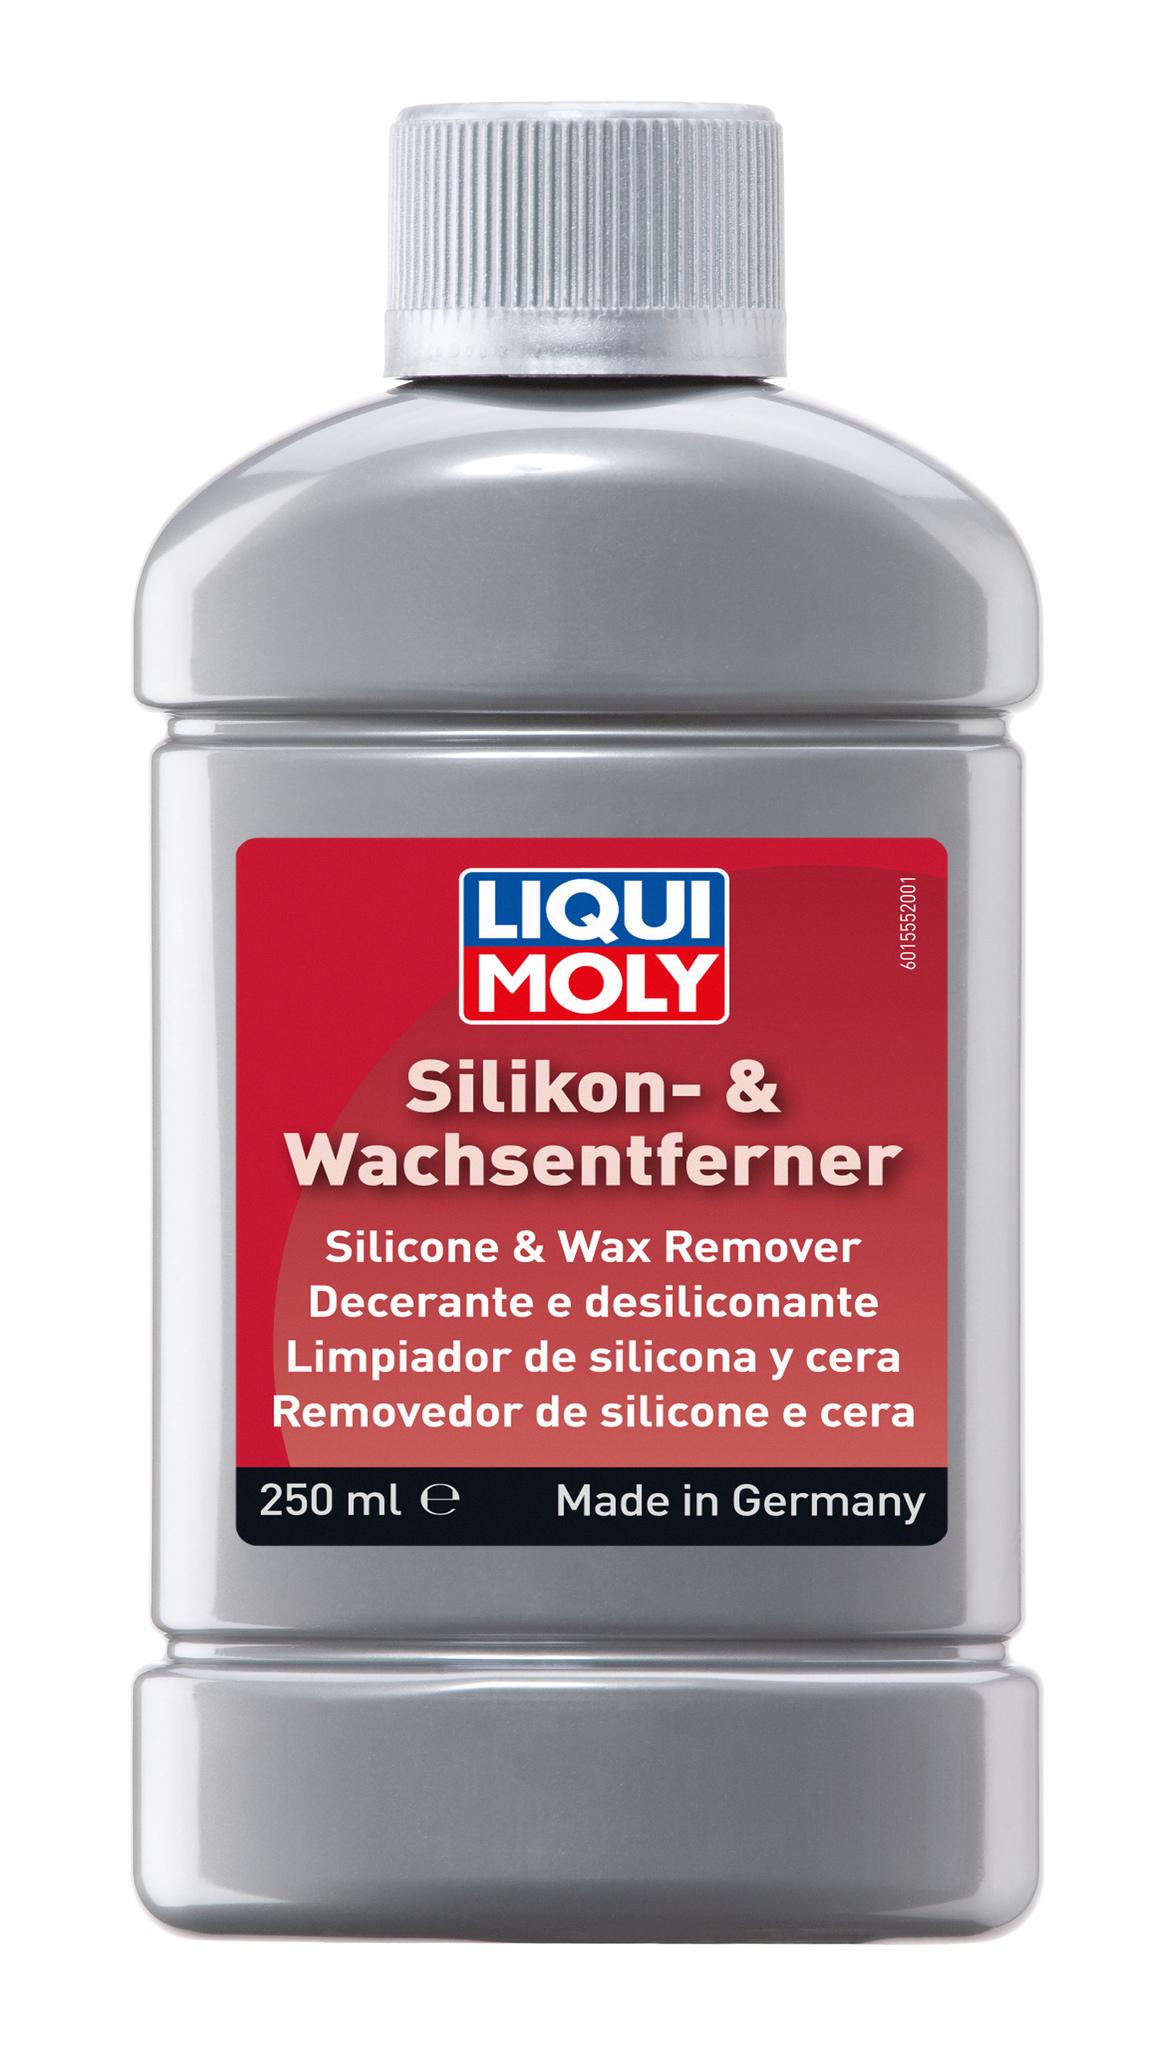 Liqui Moly Silikon & Wachs-Entferner Средство для удаления силикона и воска